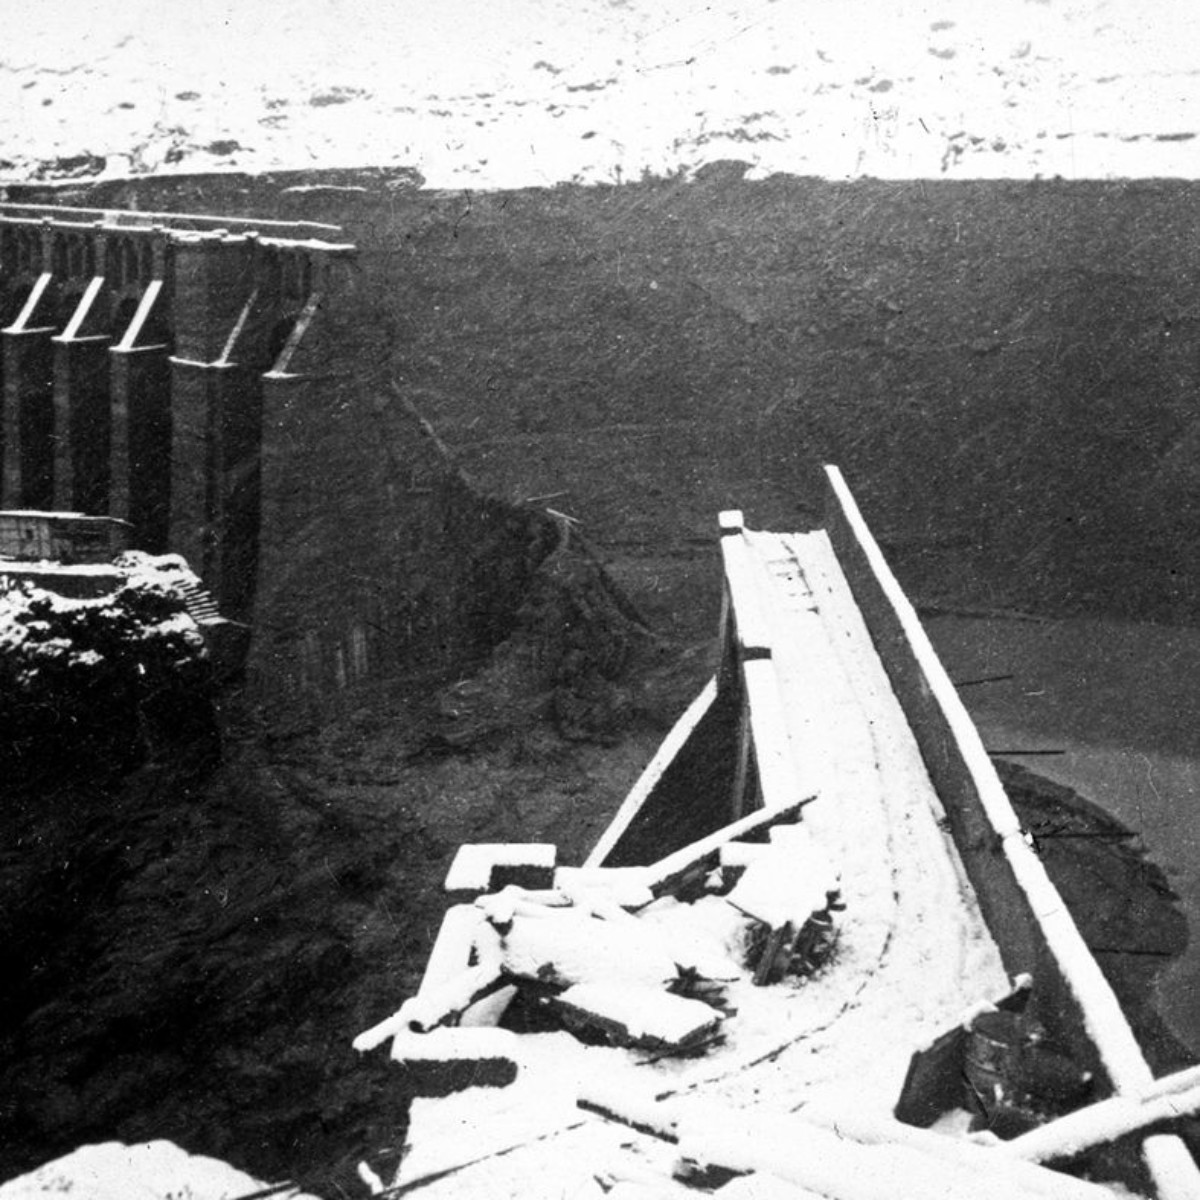 1 dicembre 1923 ore 10. La breccia nella diga